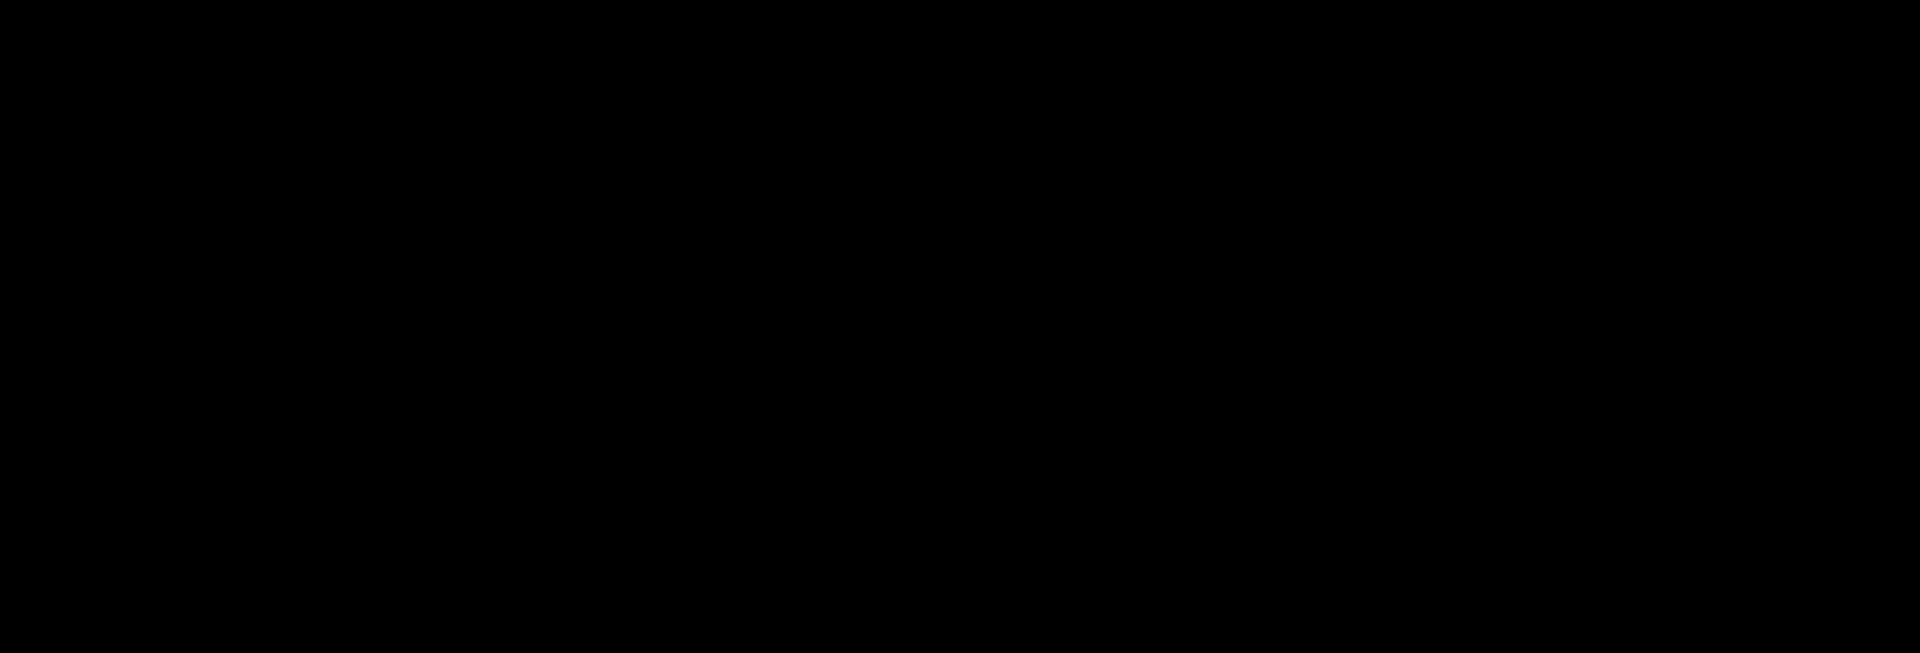 Создание простого Discord бота с помощью библиотеки discord.py — IT-МИР. ПОМОЩЬ В IT-МИРЕ 2020